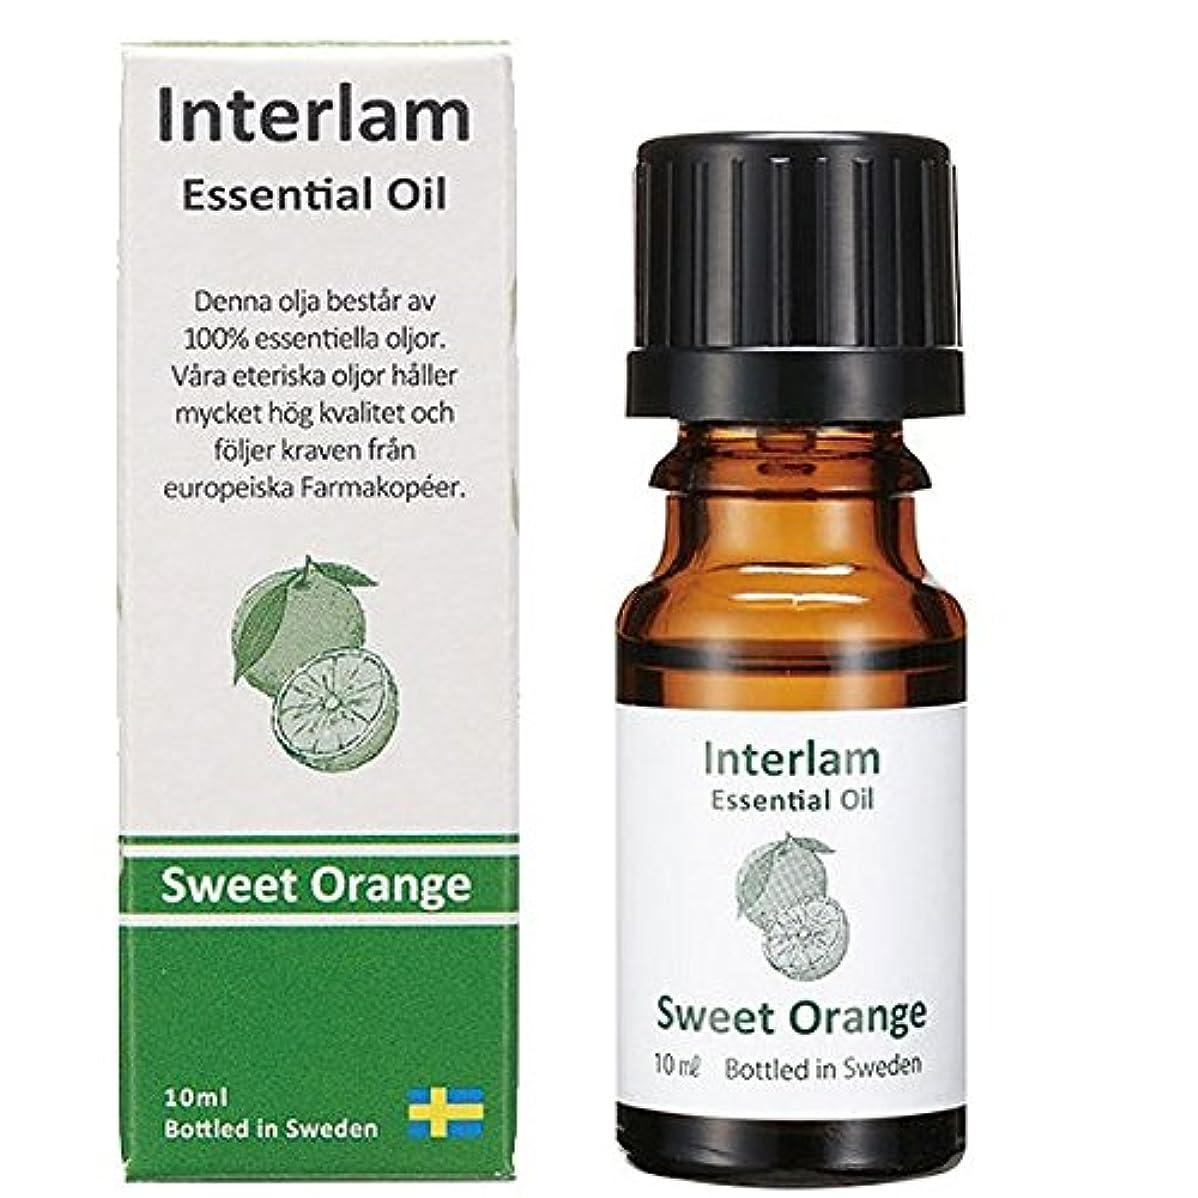 居間高潔なアプトInterlam エッセンシャルオイル オレンジスイート 10ml